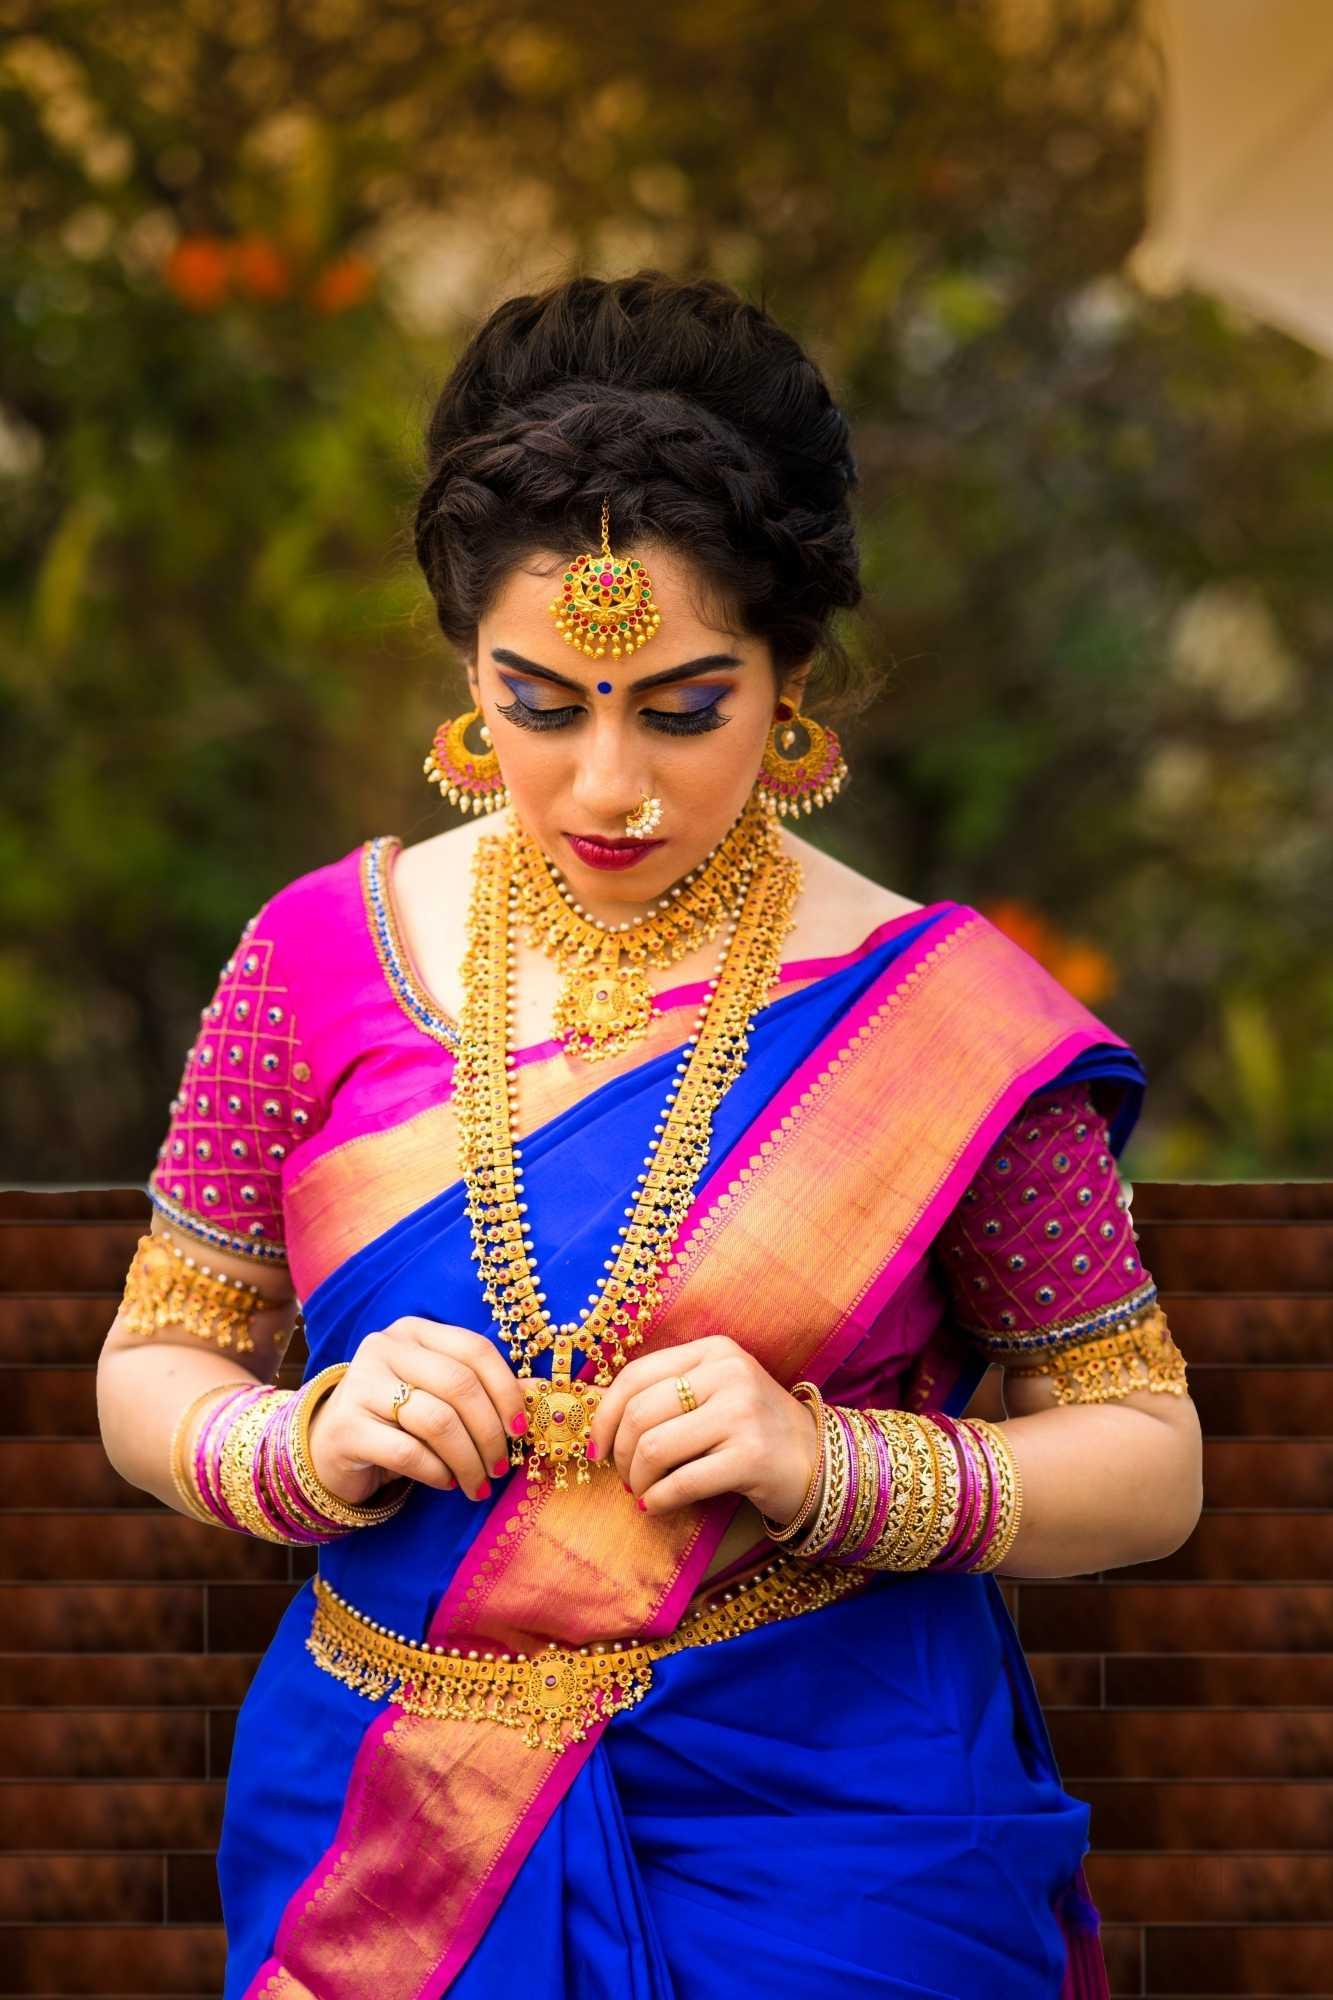 Top 100 Women Beauty Parlours in Gandhipuram Coimbatore - Best